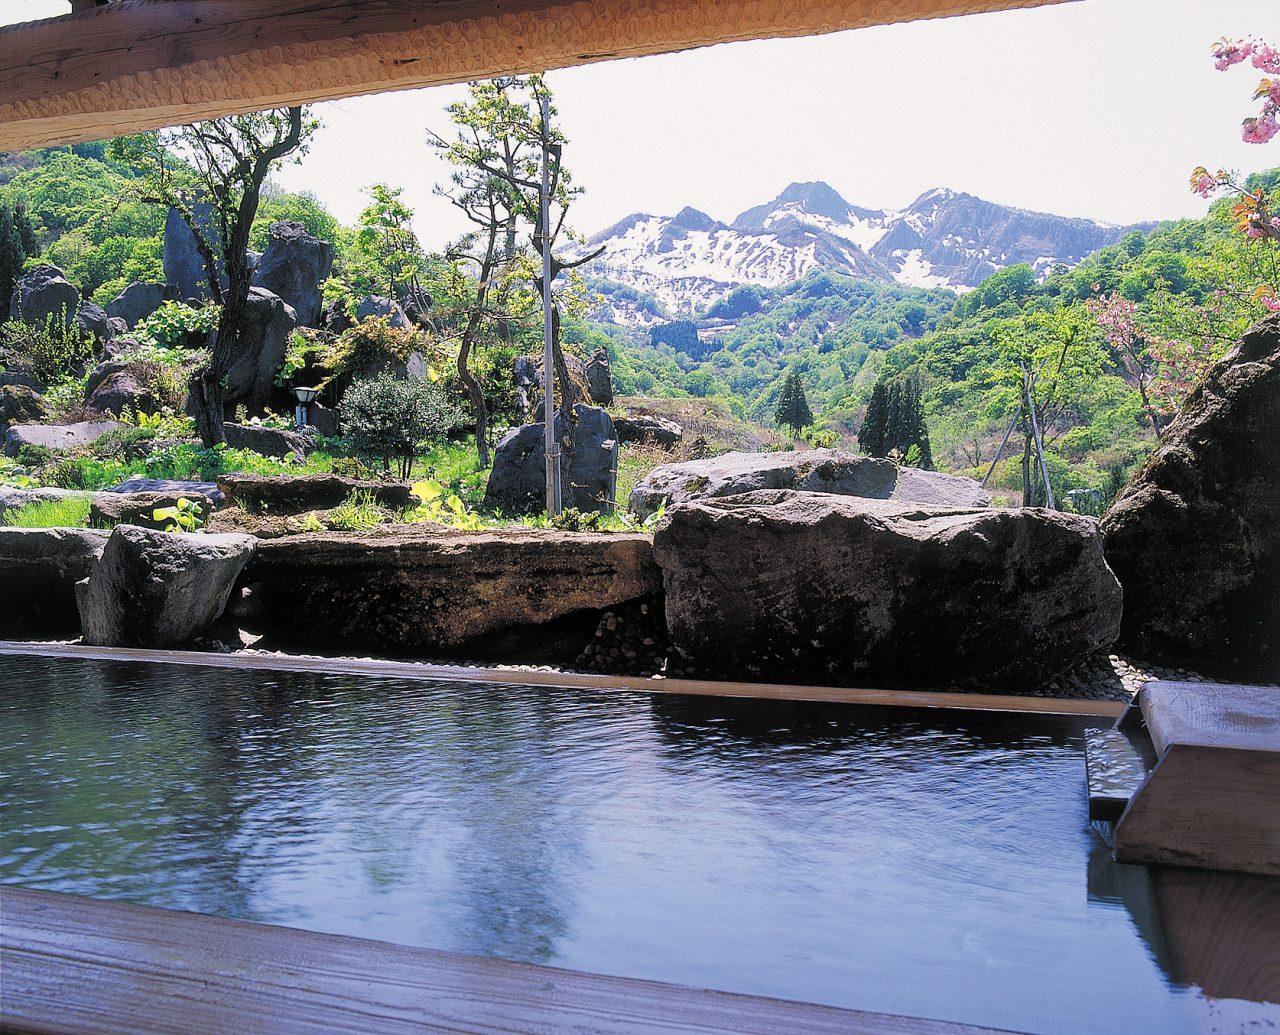 Yakeyama Onsen Hot Spring